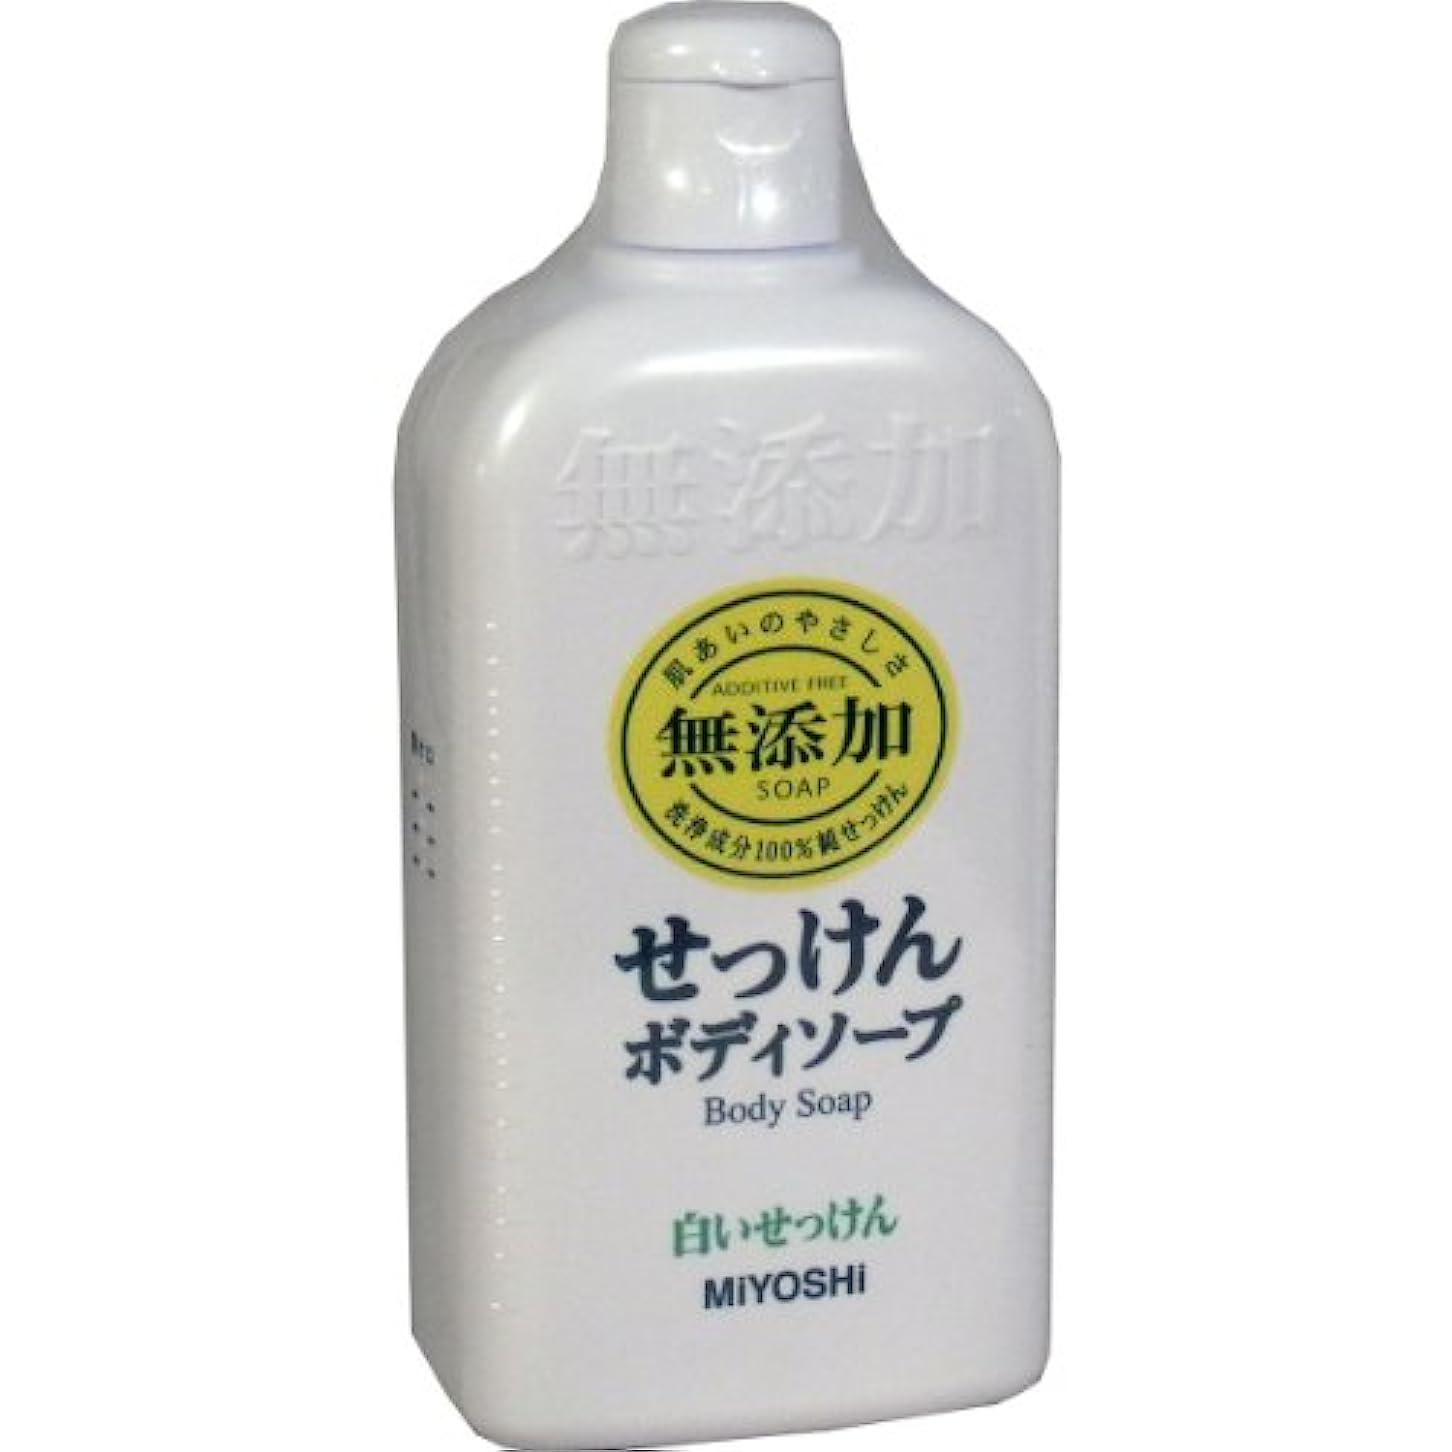 復活させる治す三角形無添加 ボディソープ 白い石けん レギュラー 400ml(無添加石鹸) 7セット